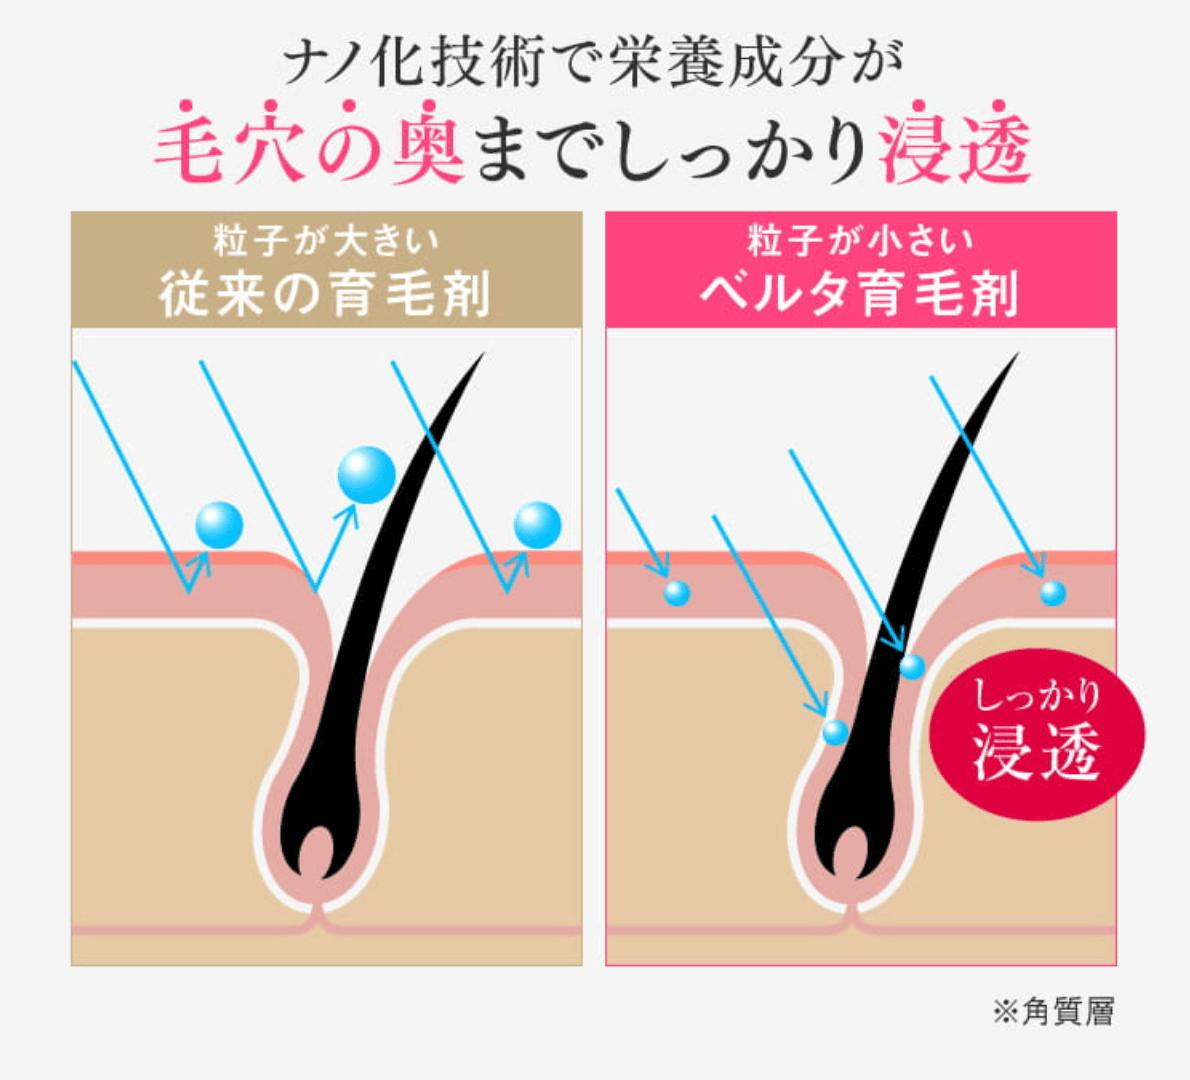 ベルタヘアローションはナノ化技術で毛穴の奥までしっかり浸透